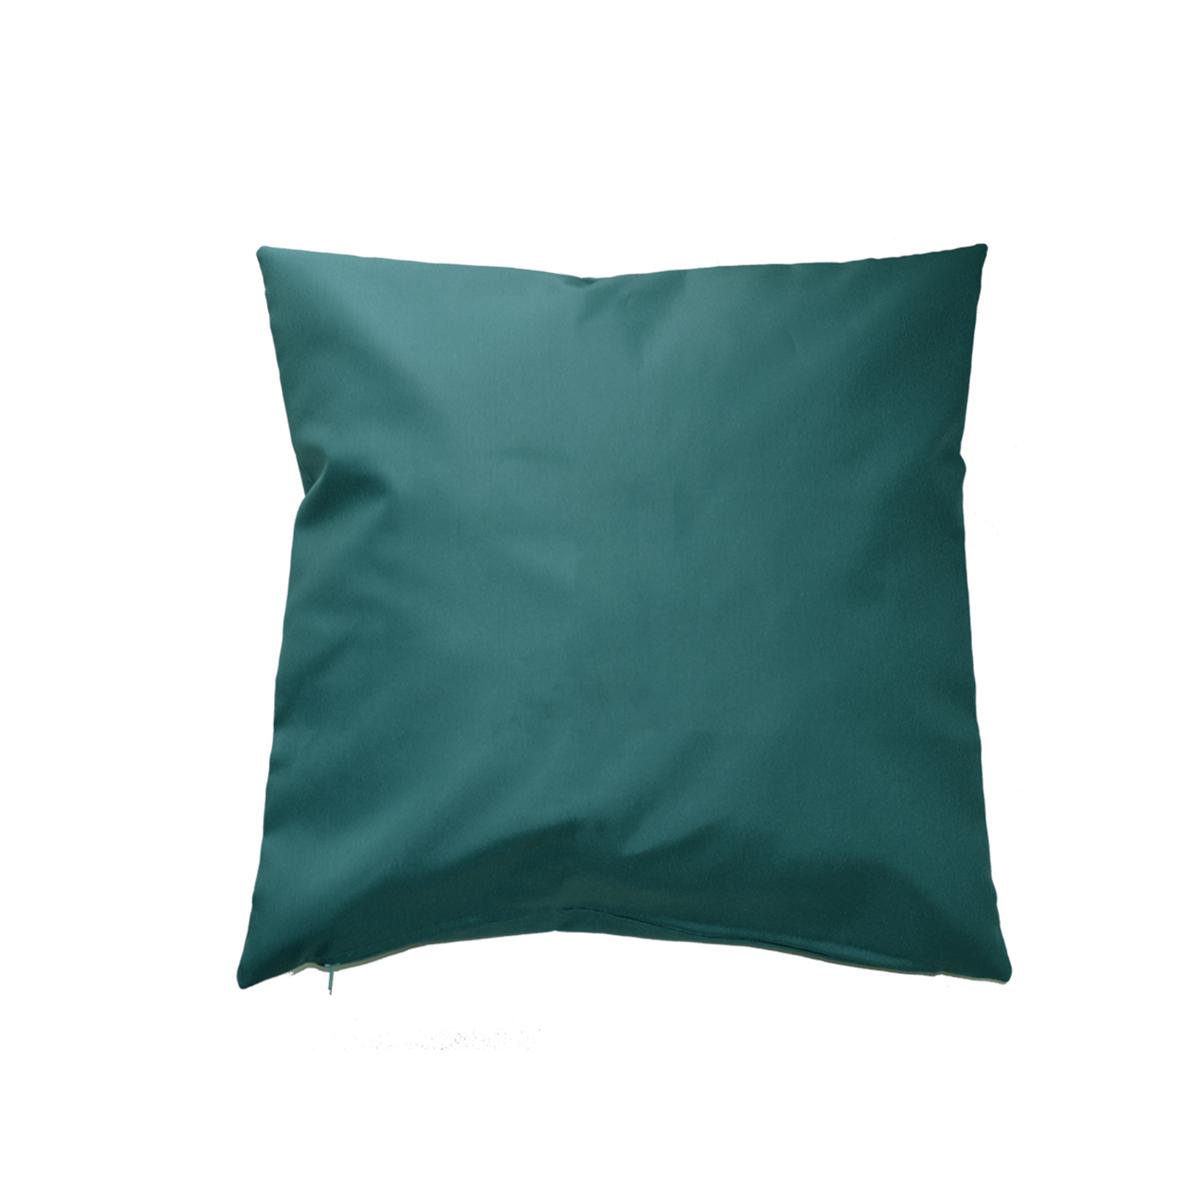 Housse de coussin d'extérieur en tissu outdoor - Bleu Paon - 45 x 45 cm